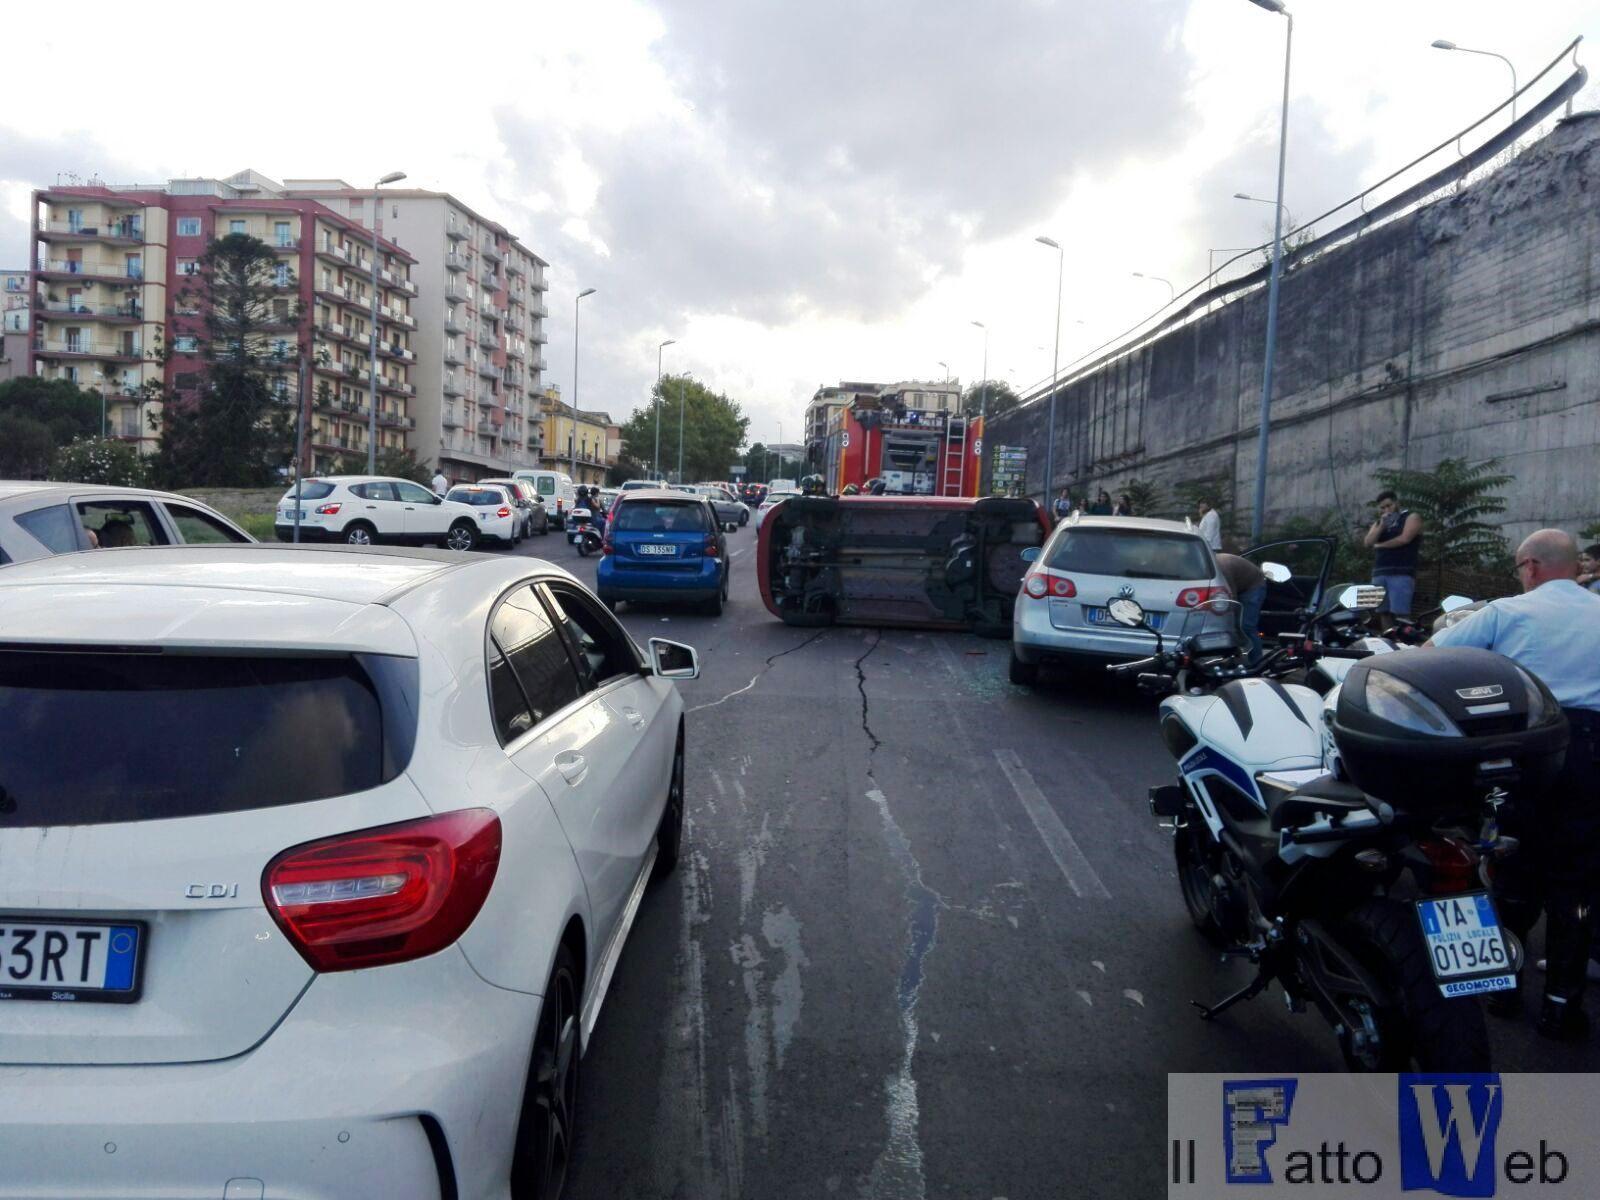 Incidente circonvallazione: situazione normalizzata dopo 19.30